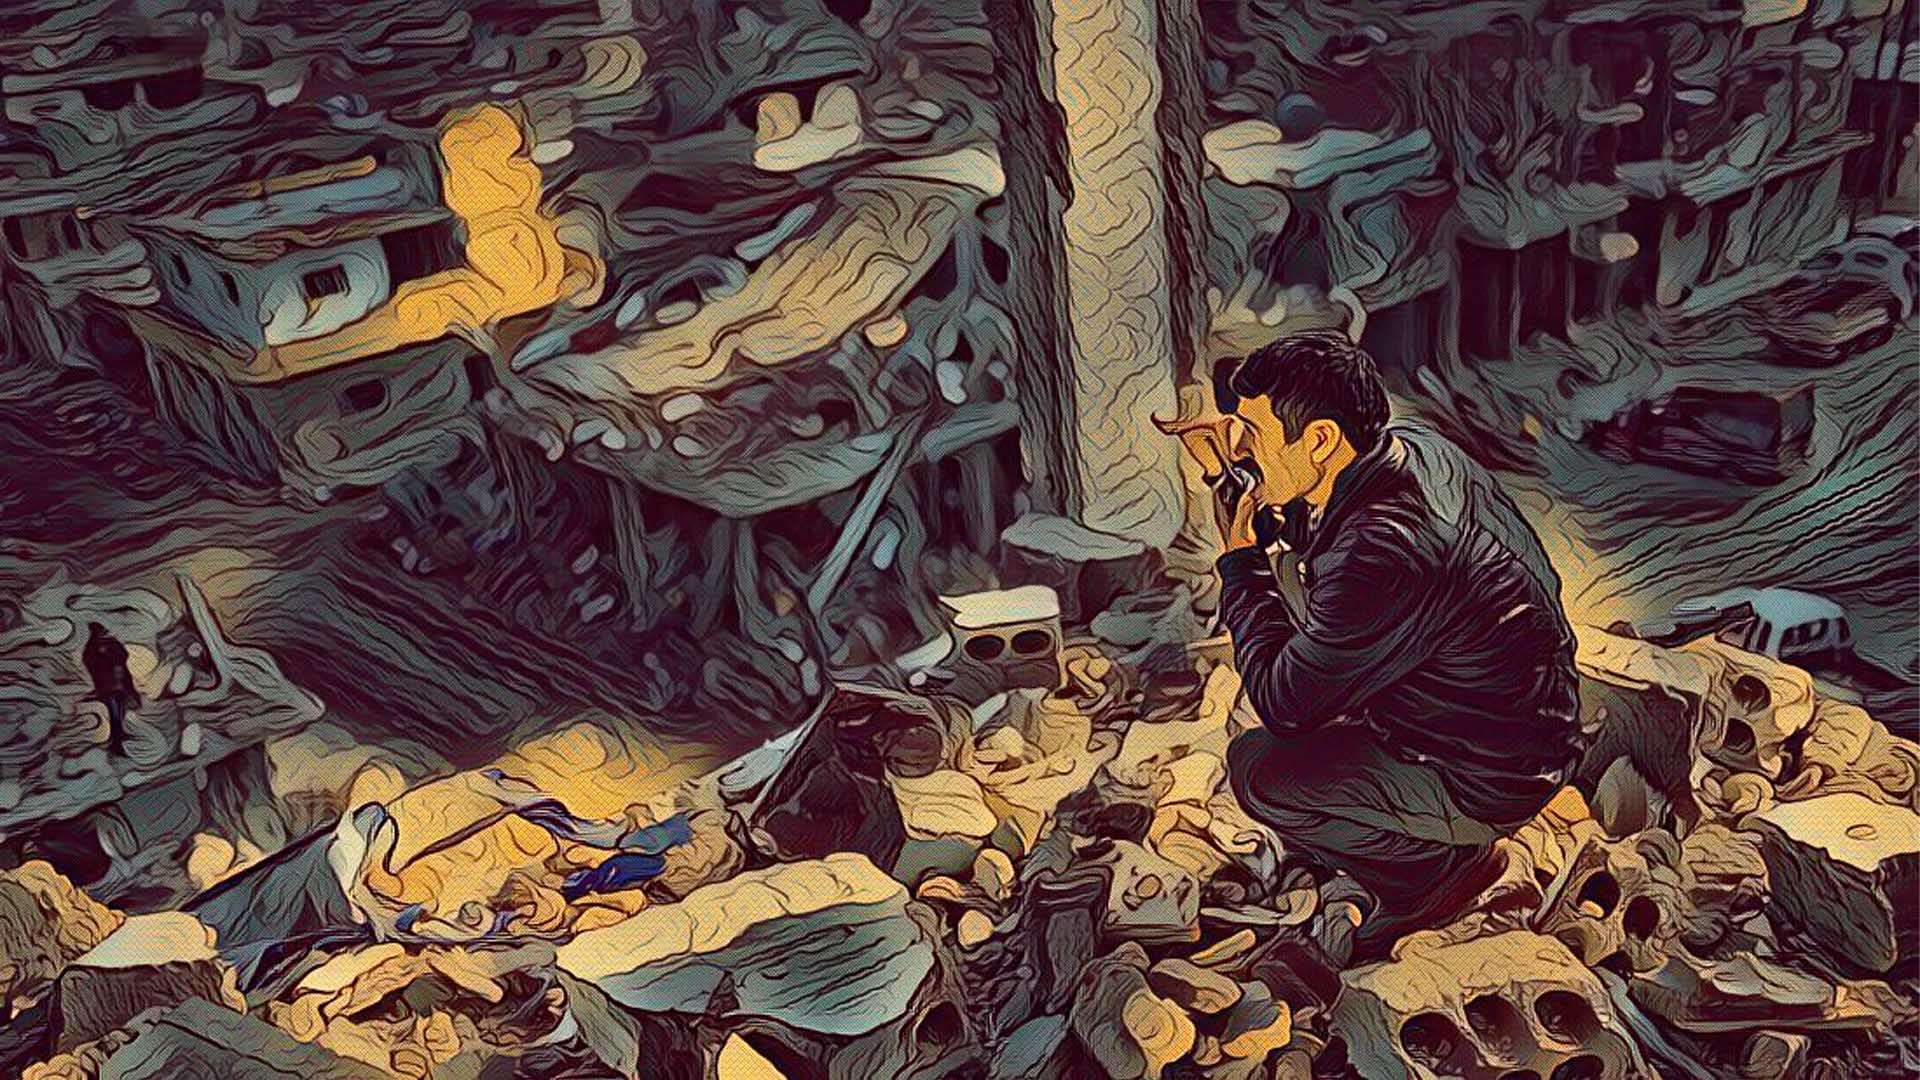 ما الذي لم يبعه السوريون بعد في مواجهة الأزمة الخانقة؟